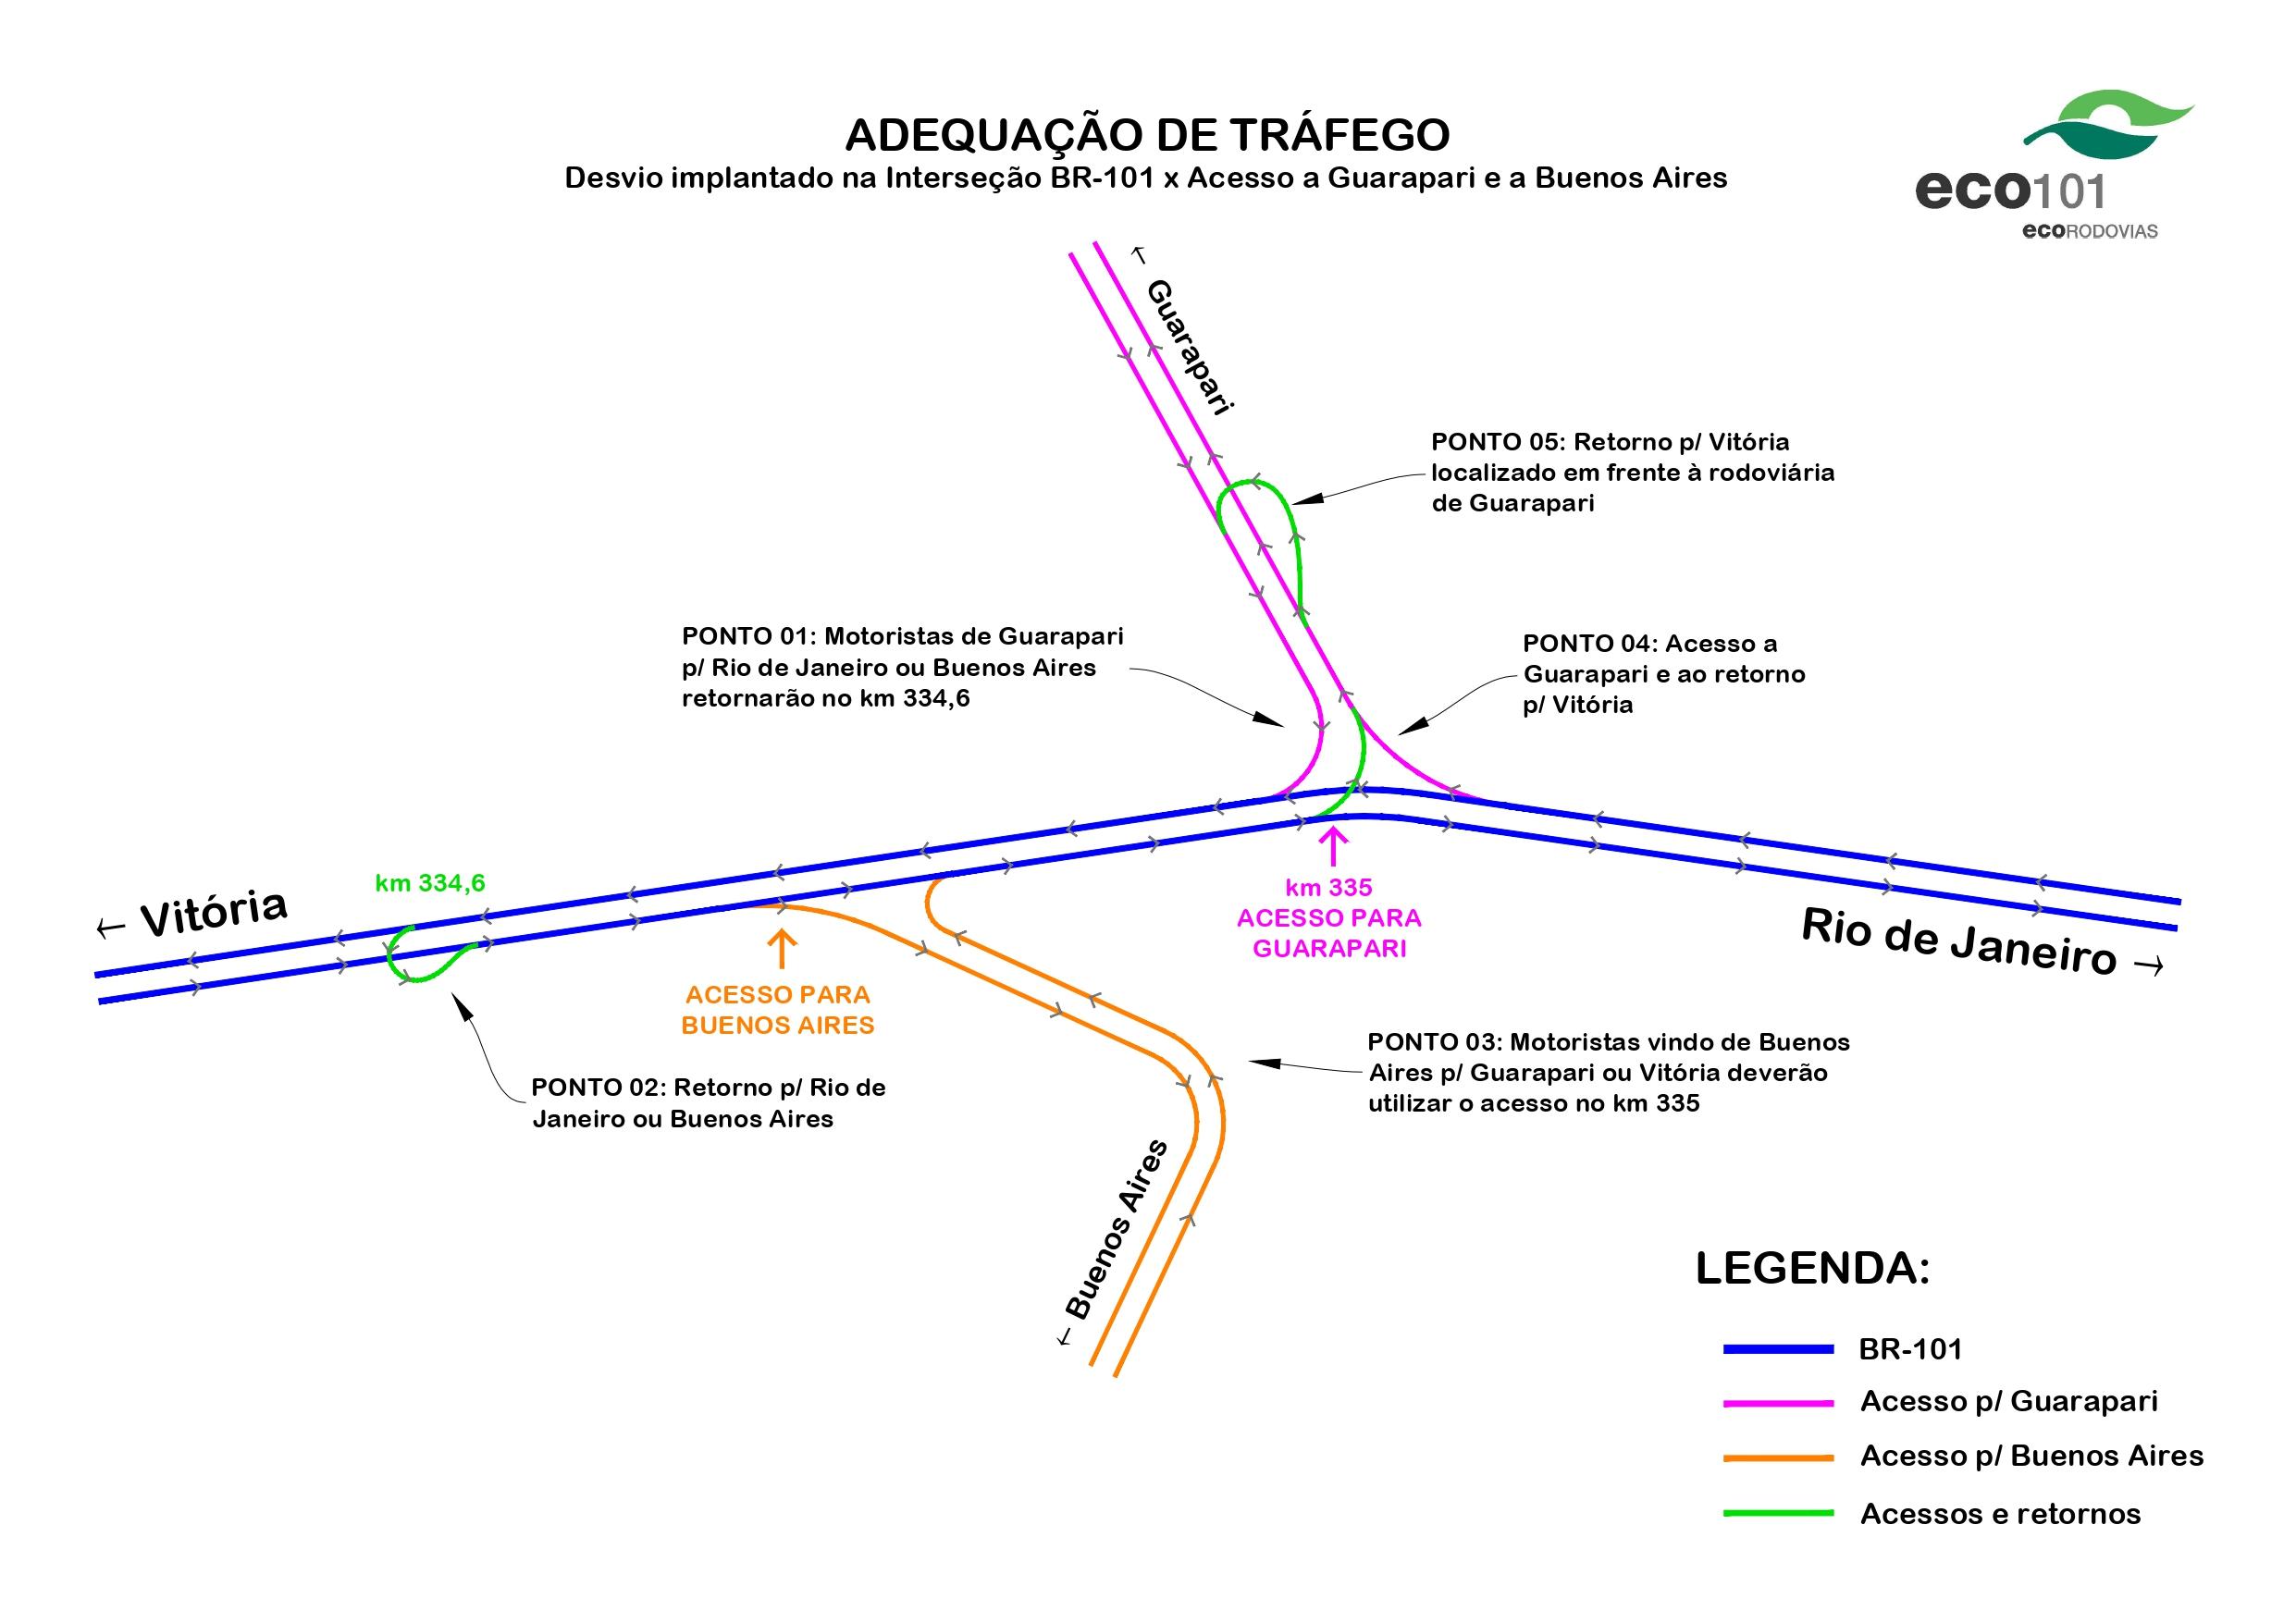 Adequação de tráfego Trevo Guarapari